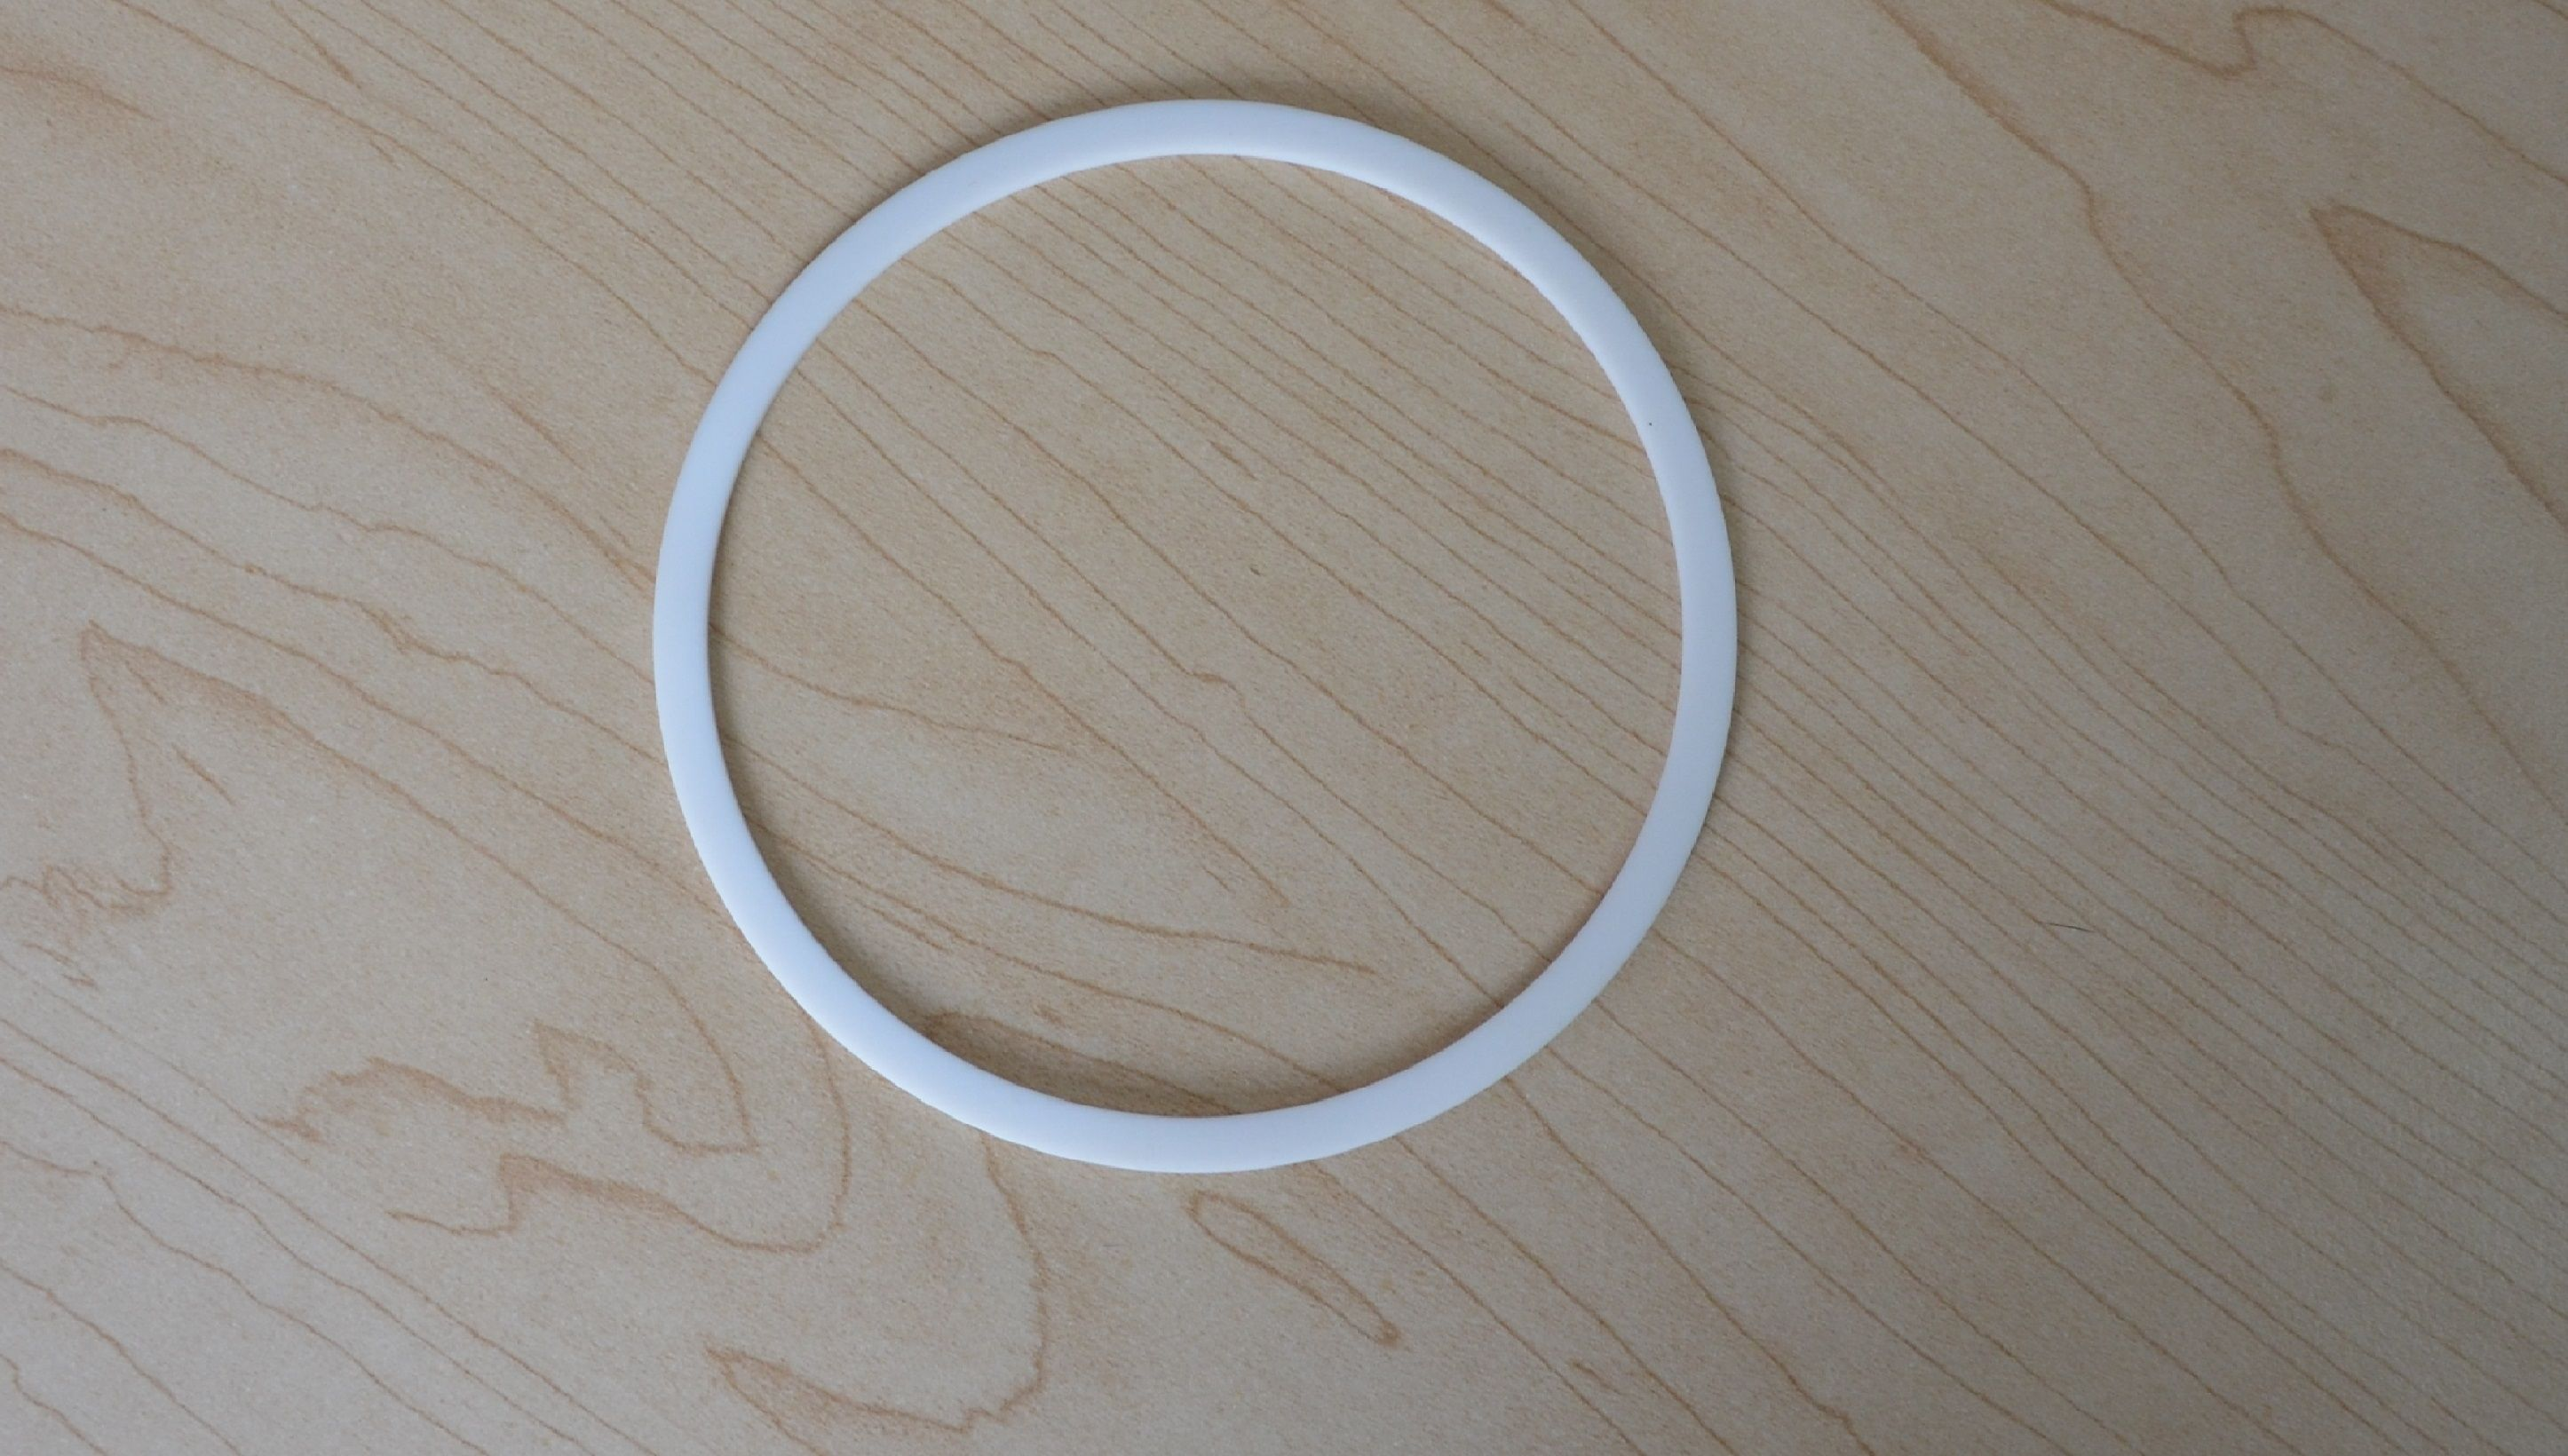 聚四氟乙烯挡圈专业厂家告诉你其用途